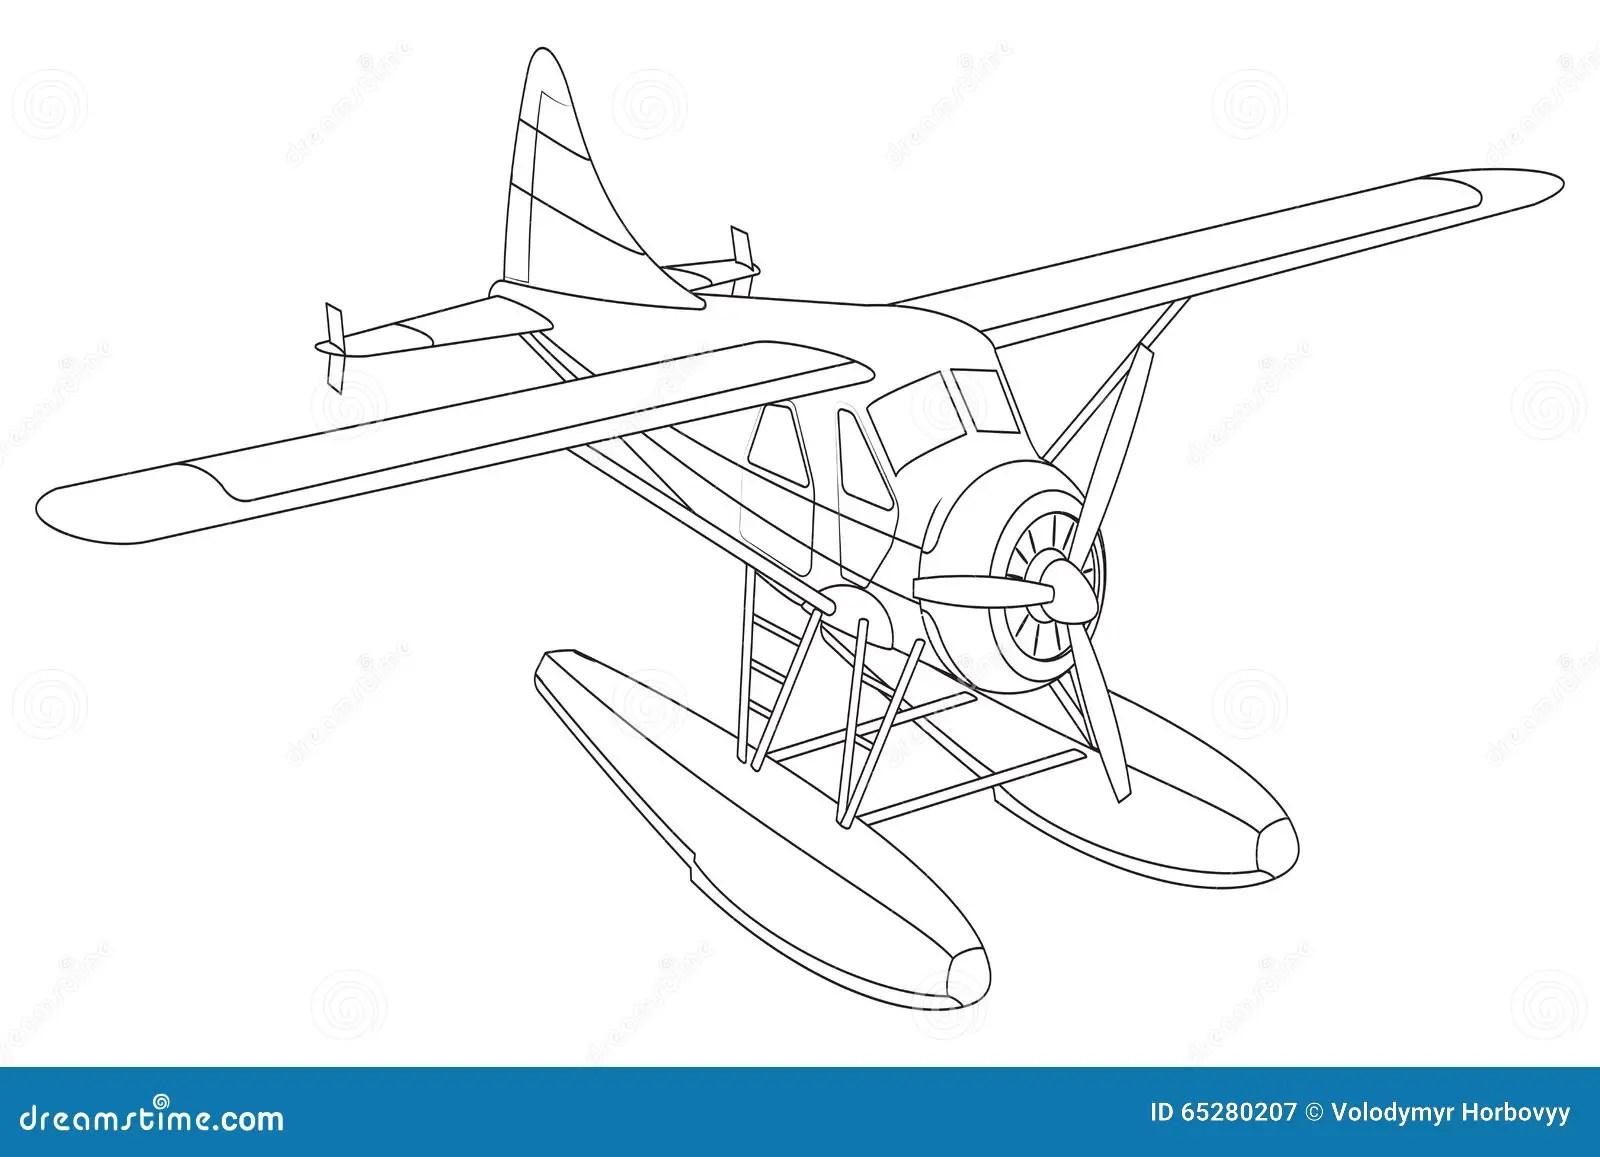 Retro Seaplane Illustration Stock Vector